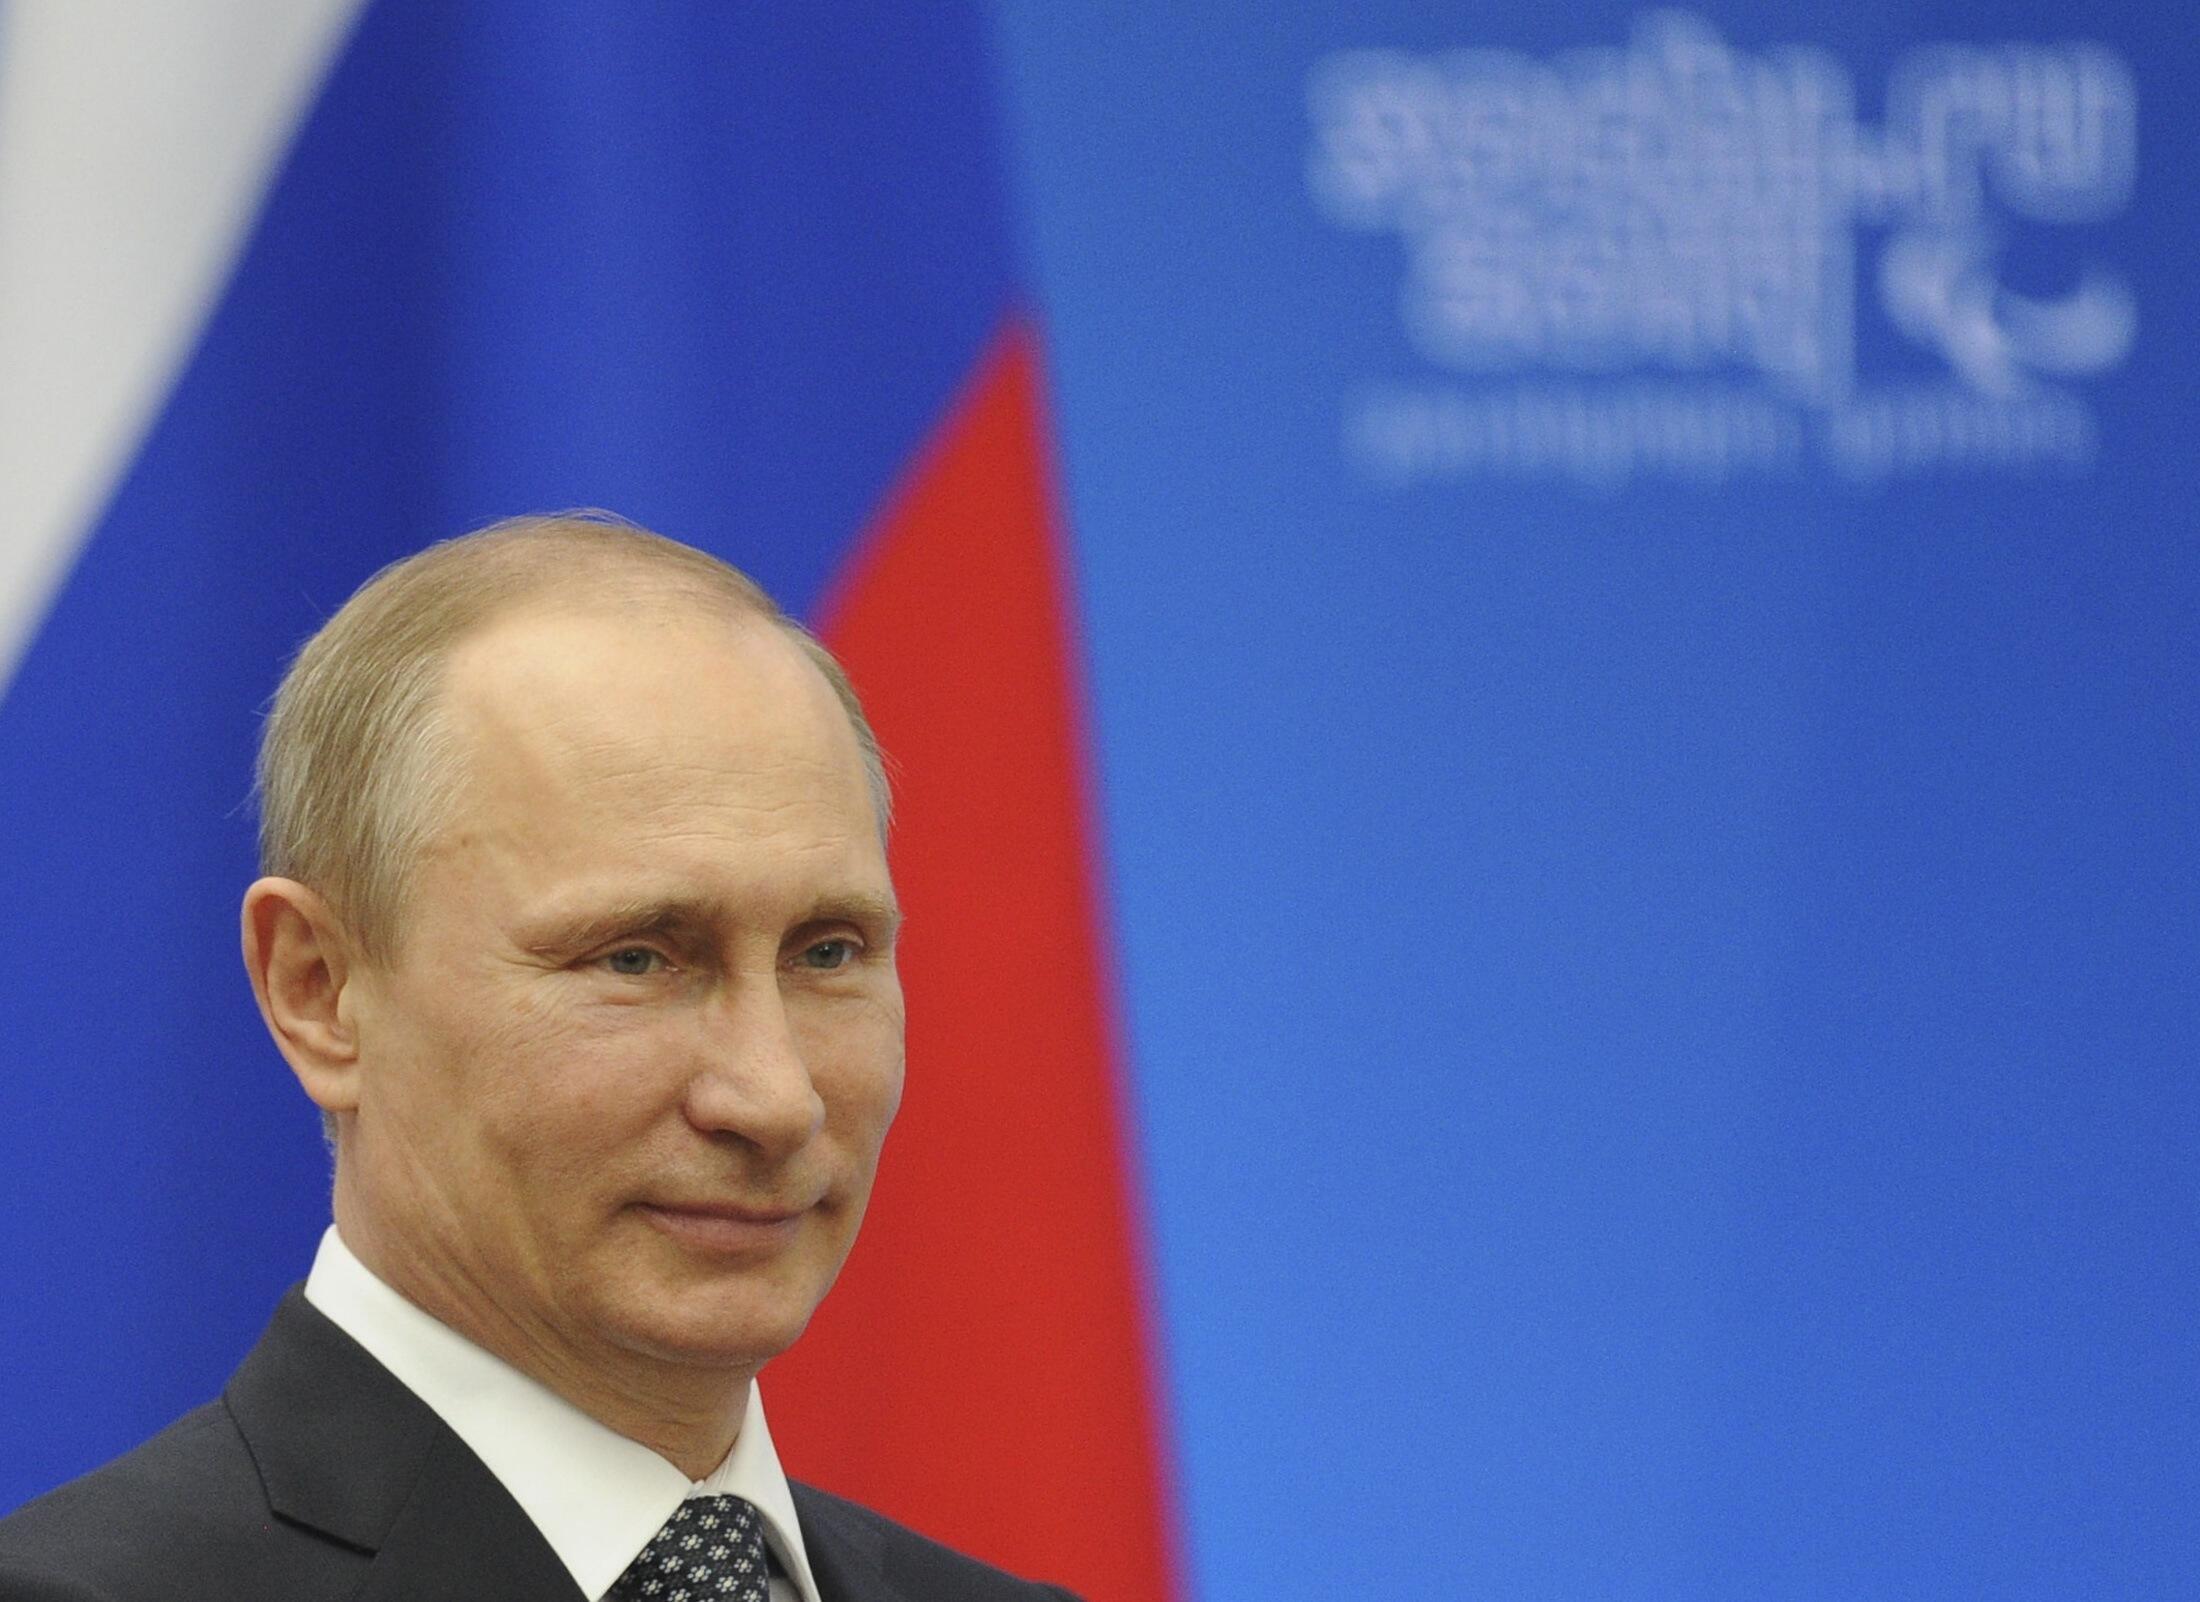 Tổng thông Nga Putin rát hài lòng về kết quả trưng cầu dân ý ở Crimée. Ảnh chụp ngày 17/03/2014.